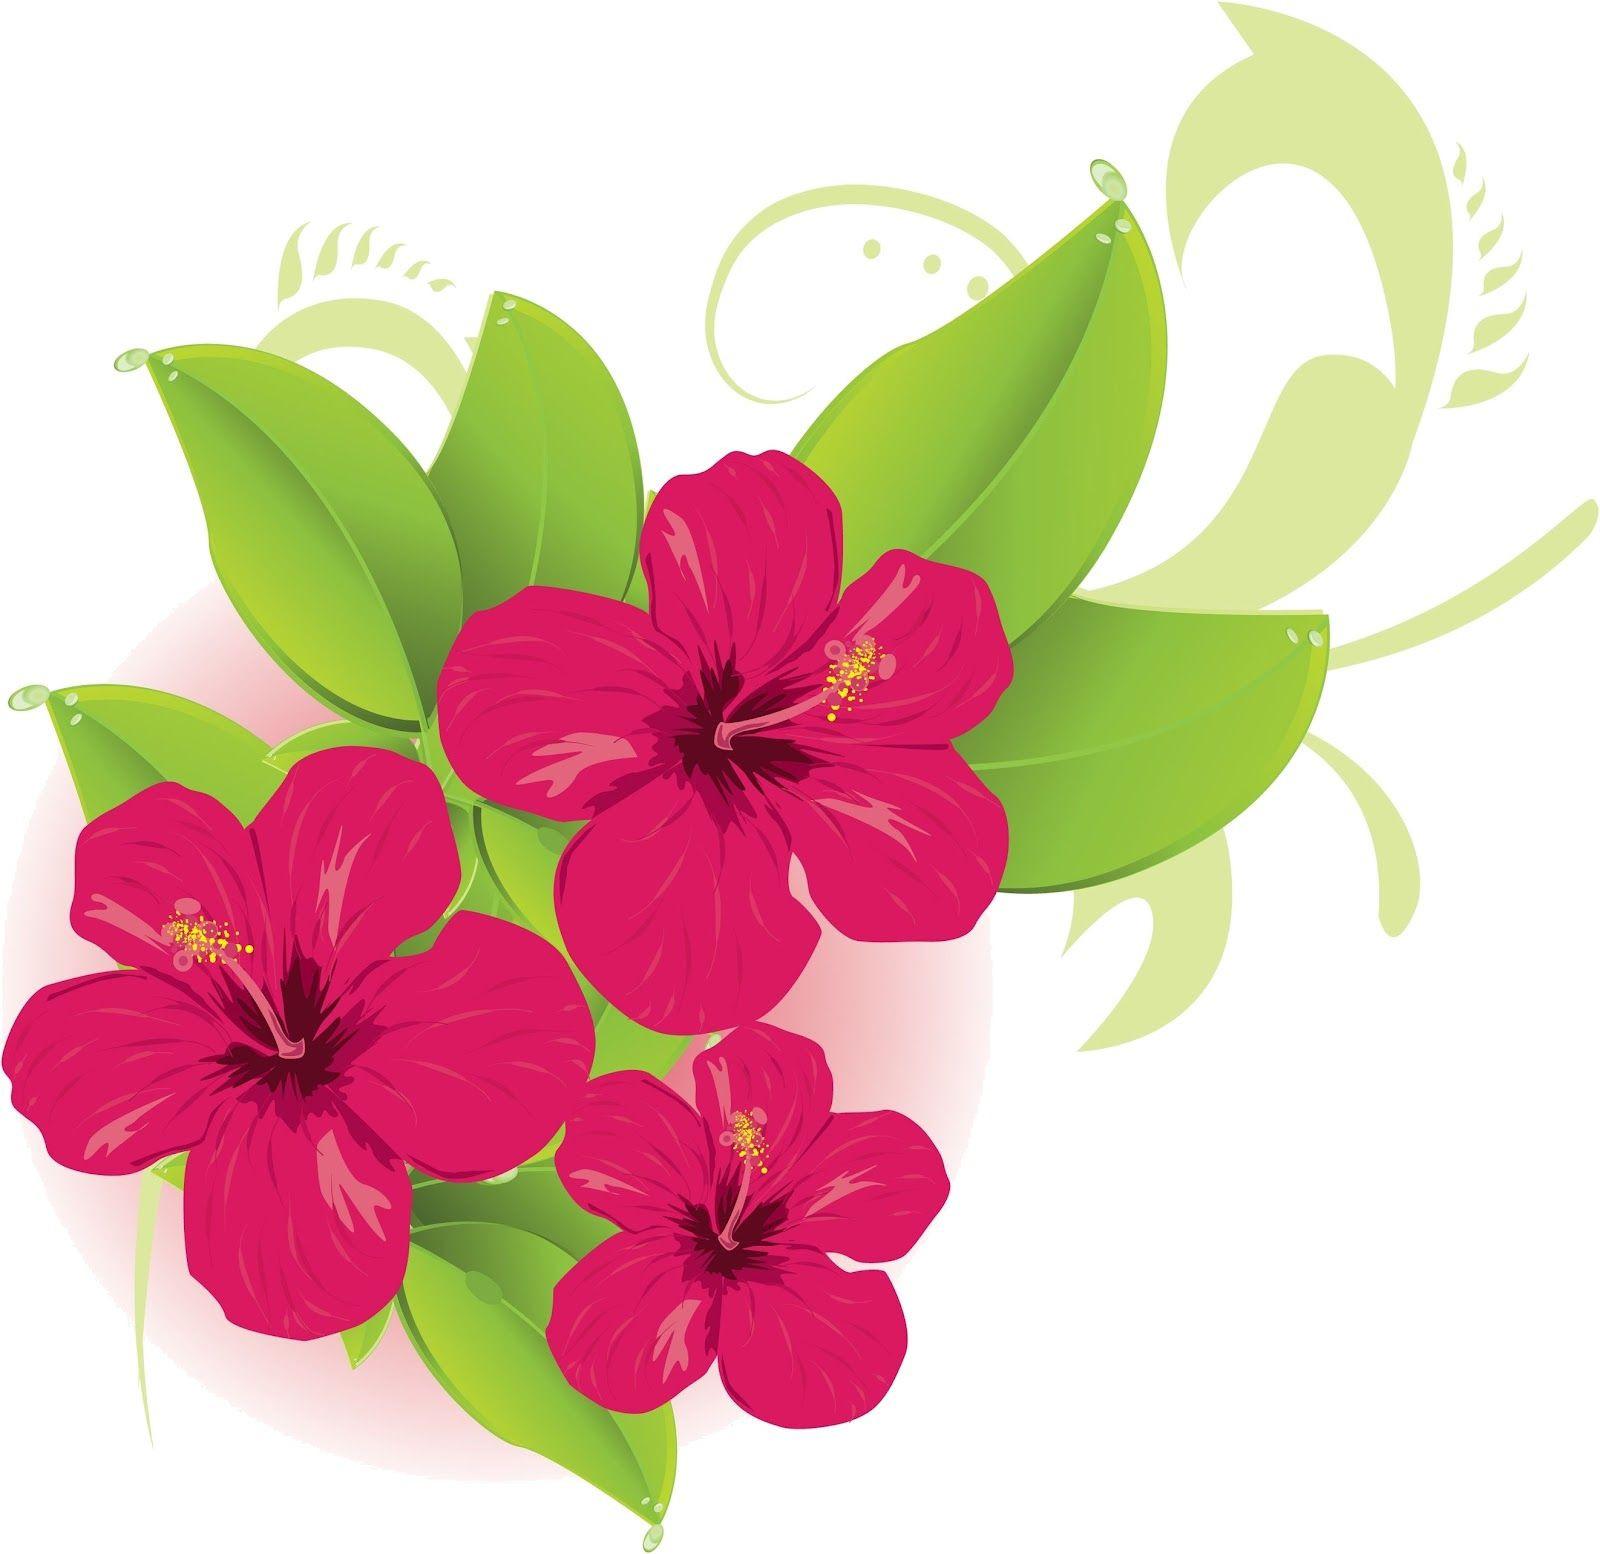 1600x1554 Hawaiian Clip Art Borders Tropical Border Lovely Luau Flower